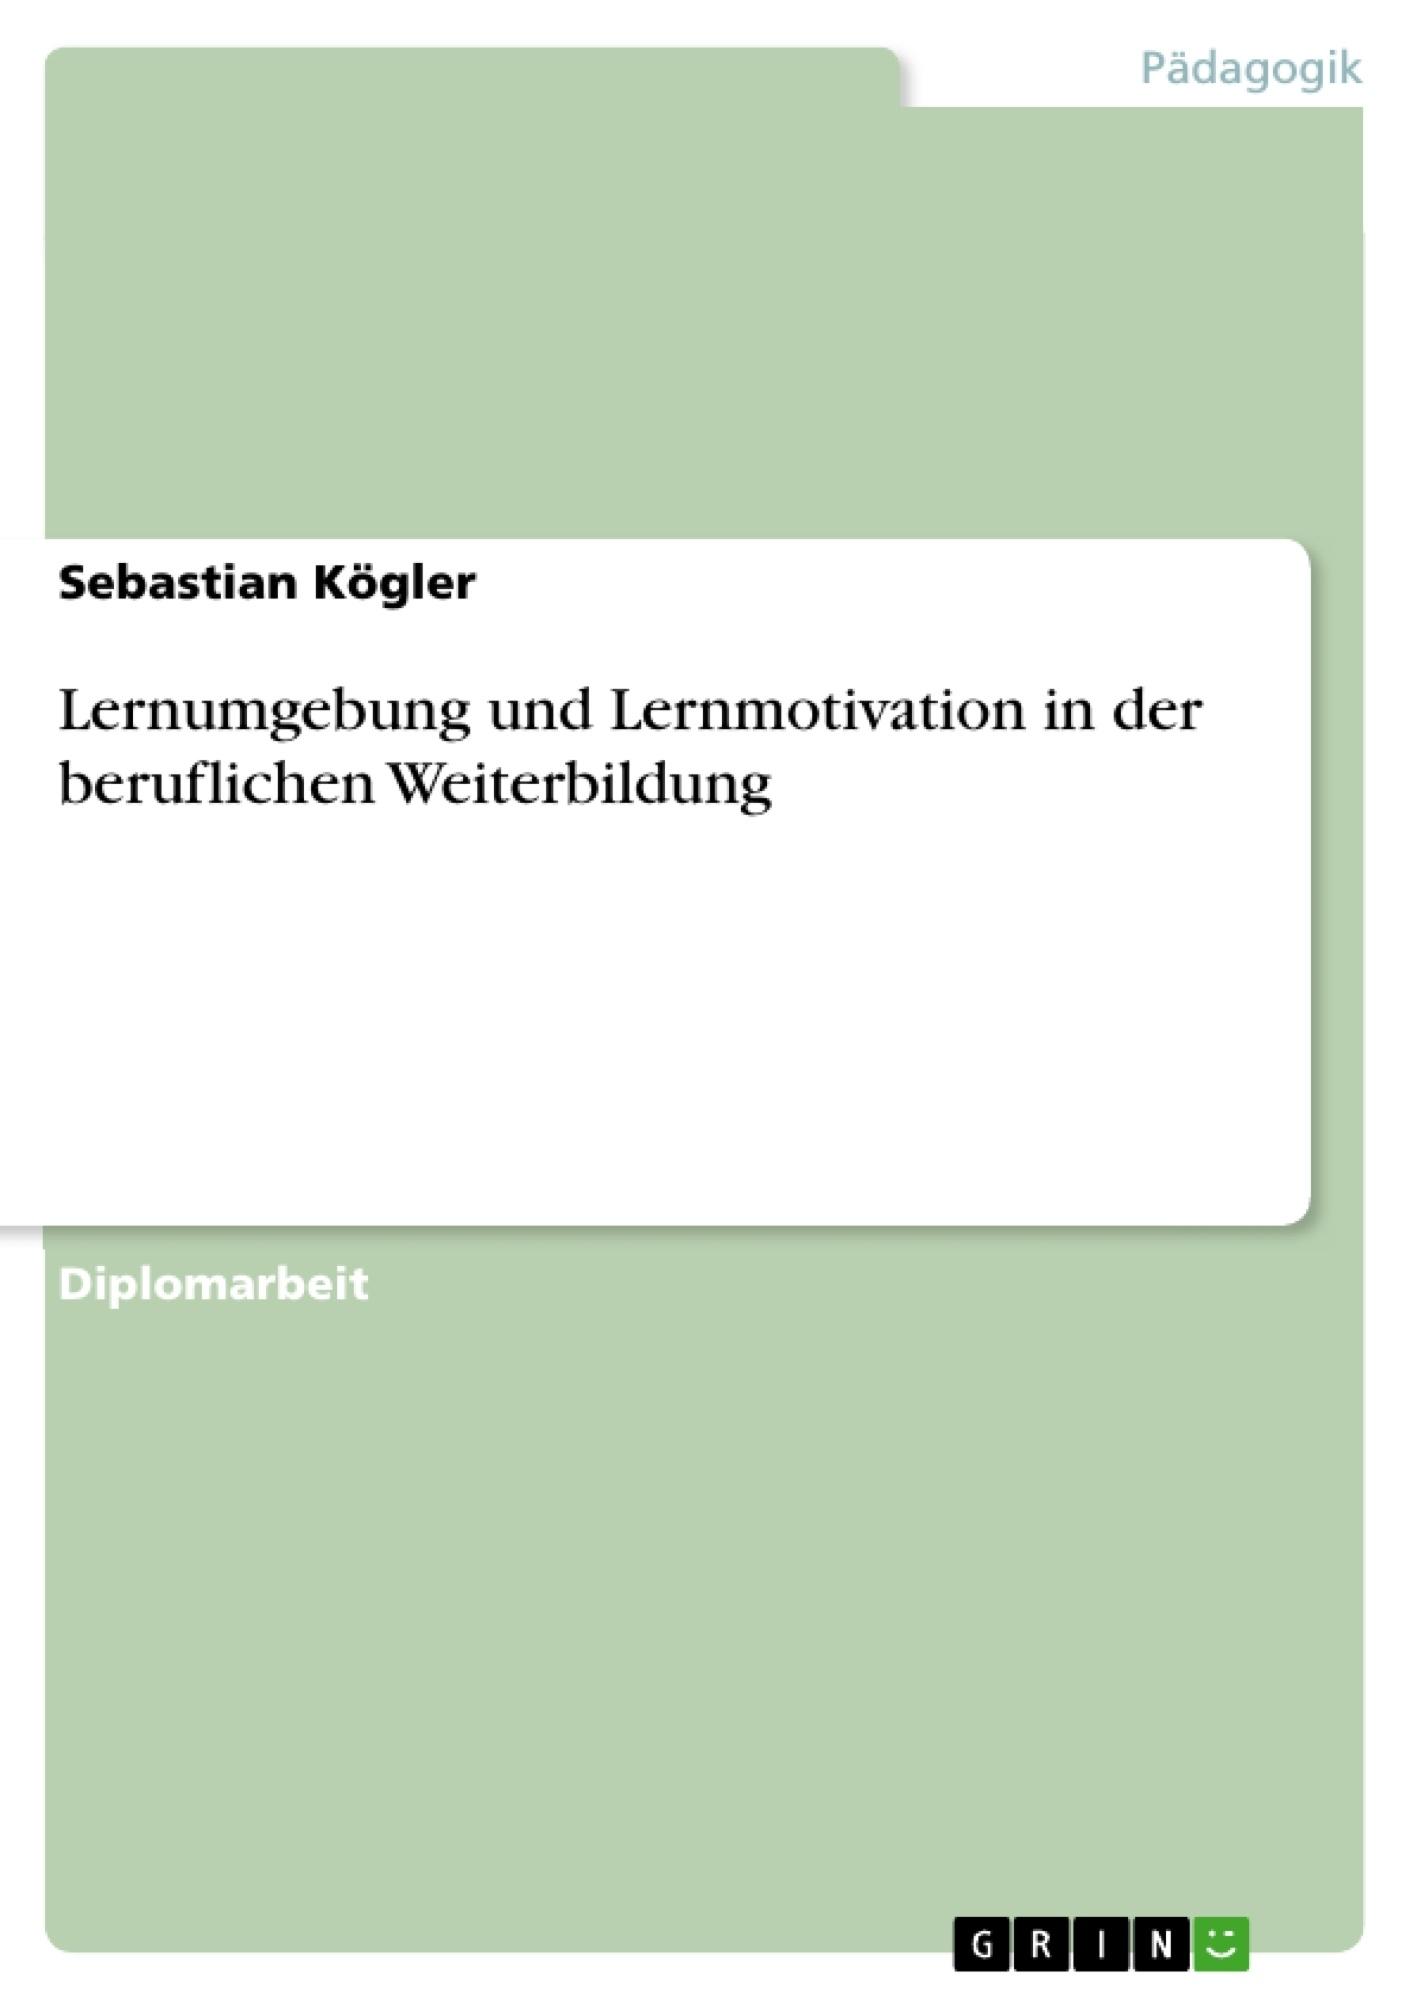 Titel: Lernumgebung und Lernmotivation in der beruflichen Weiterbildung